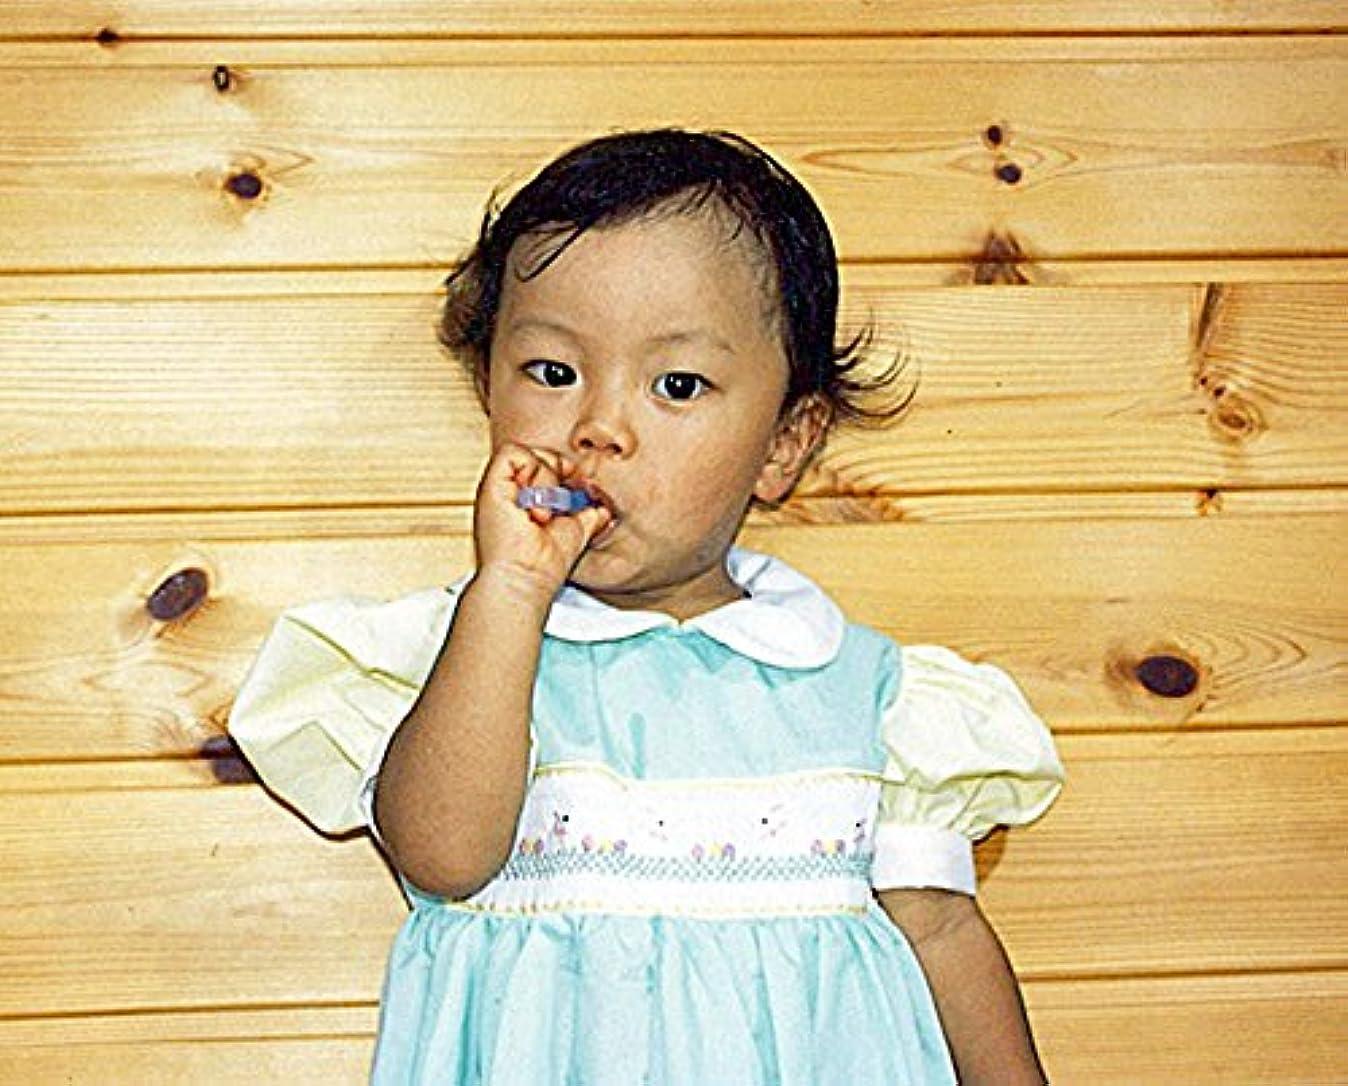 ワットエジプト人以下オーラルケア 歯ブラシ カミカミソフト歯ブラシ ブルー/ピンク 2個組み